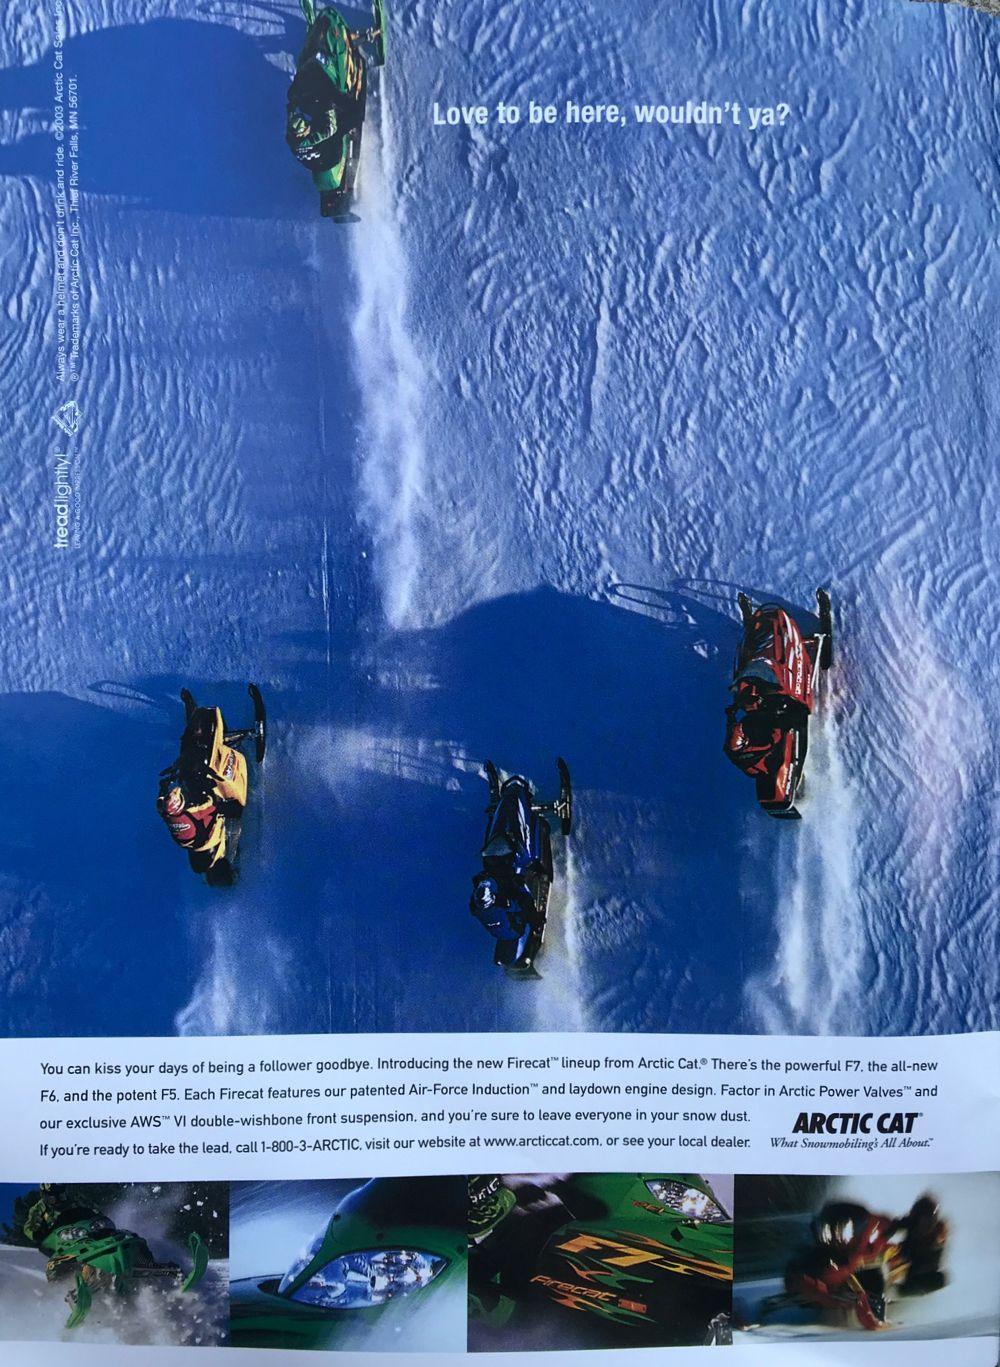 Arctic Cat Firecat F7 was a true rocketship.